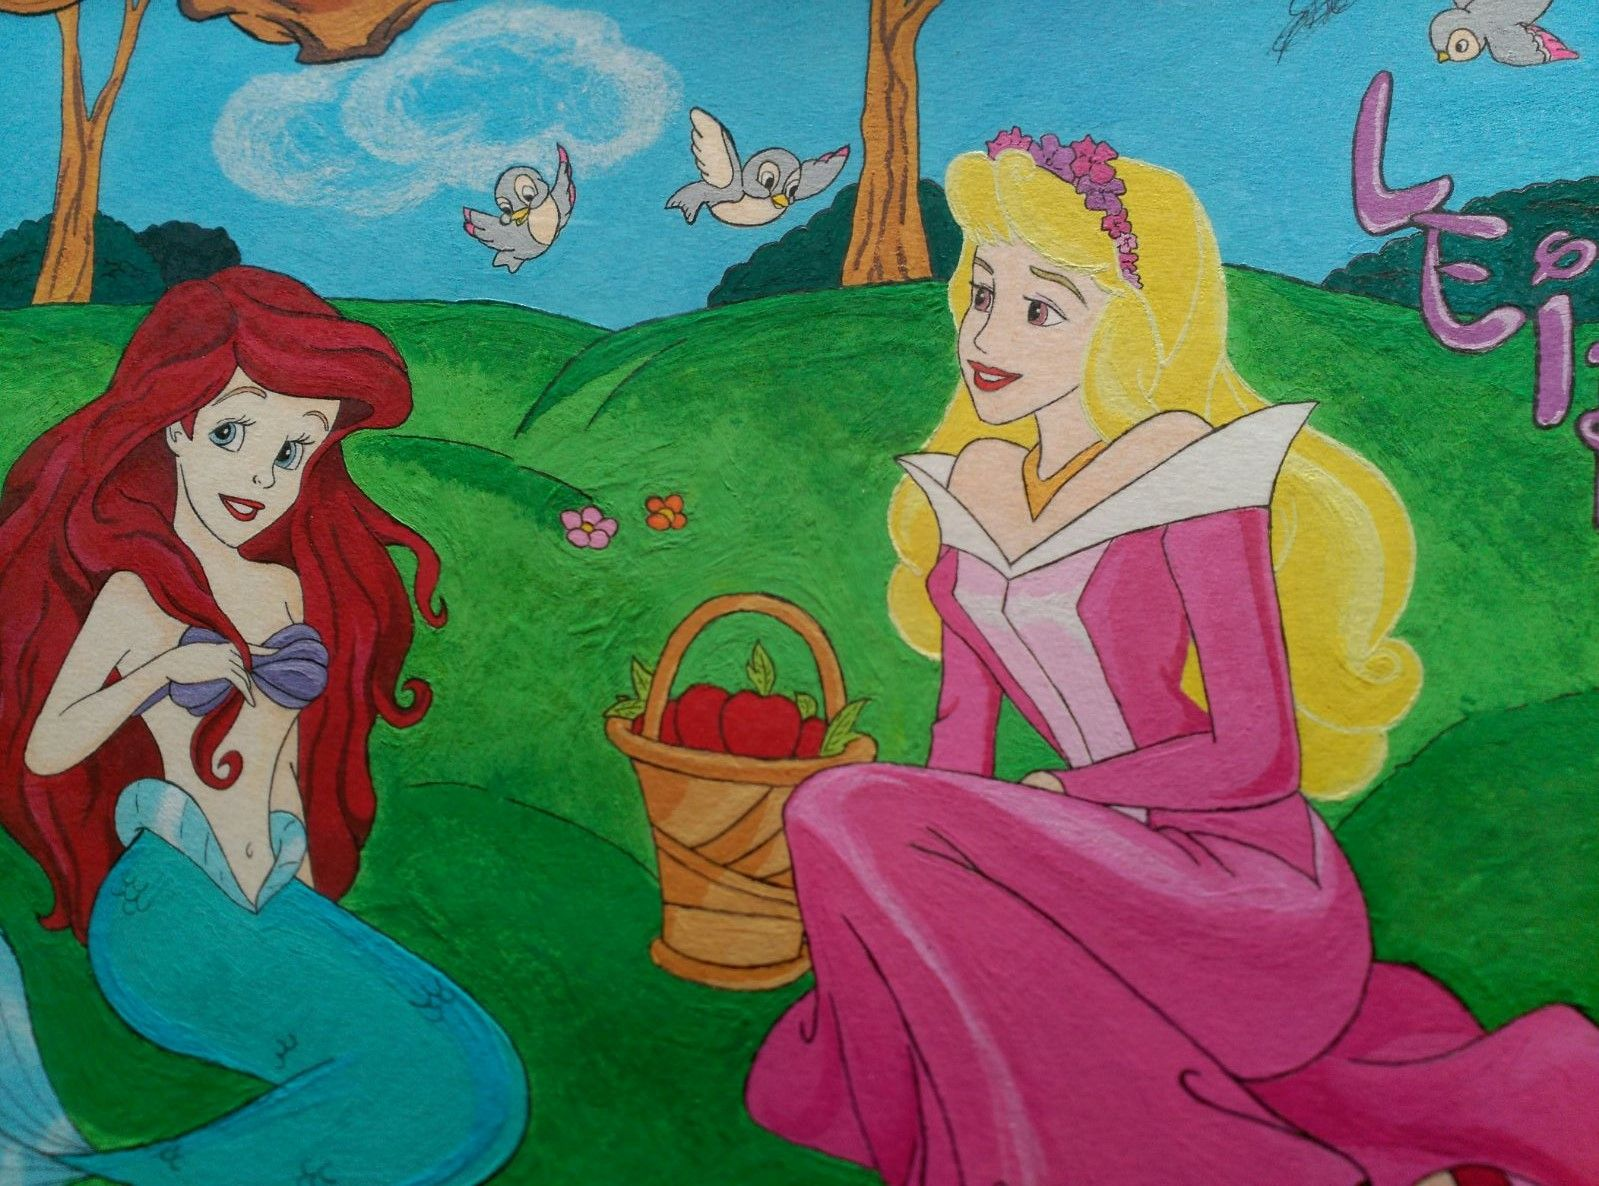 Dibujos En Color De Disney: Dibujos Disney En Color. Fabulous Dibujos De Walt Disney